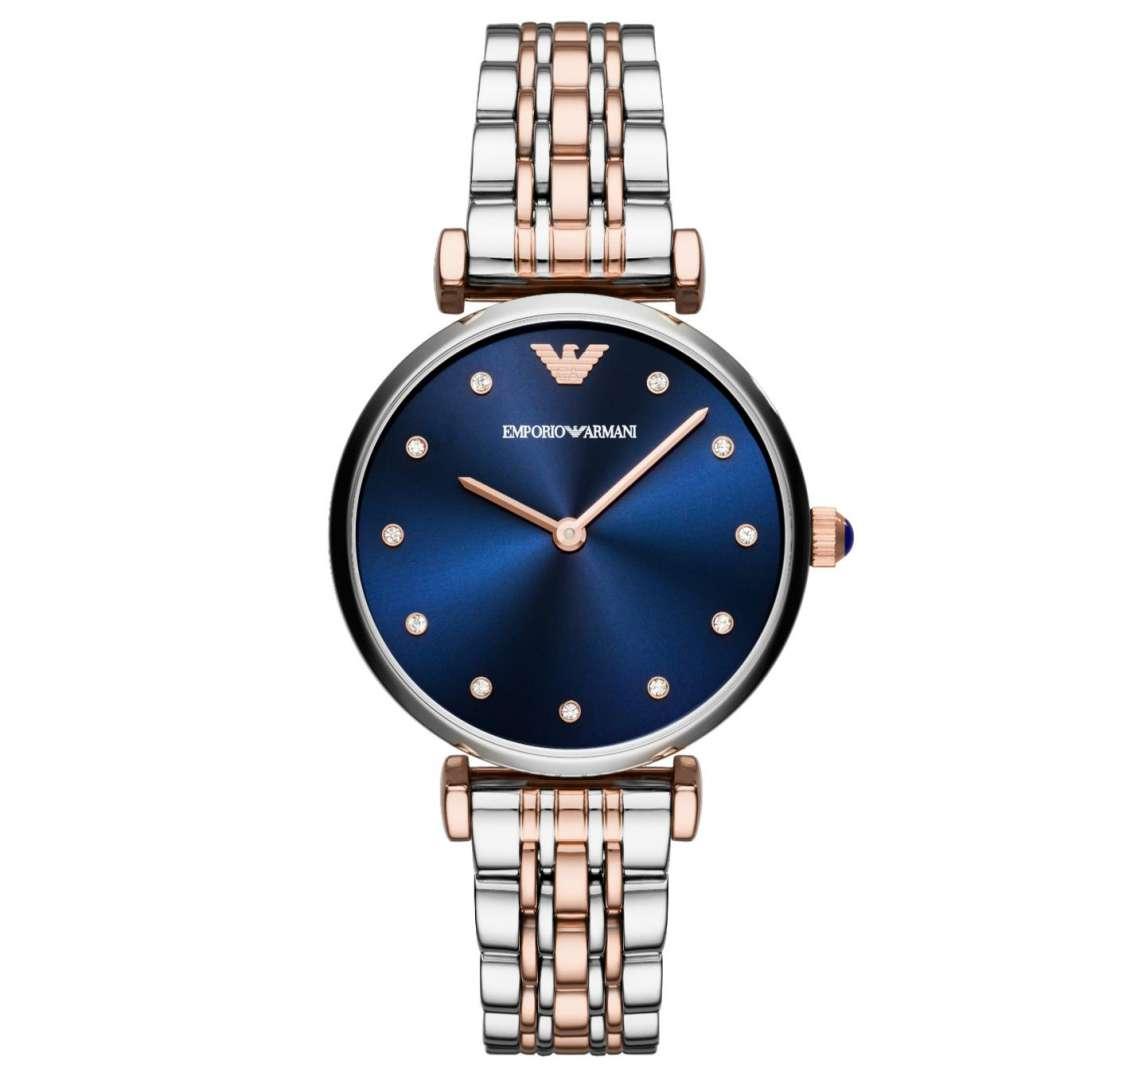 שעון יד אנלוגי לאישה emporio armani ar11092 אמפוריו ארמני